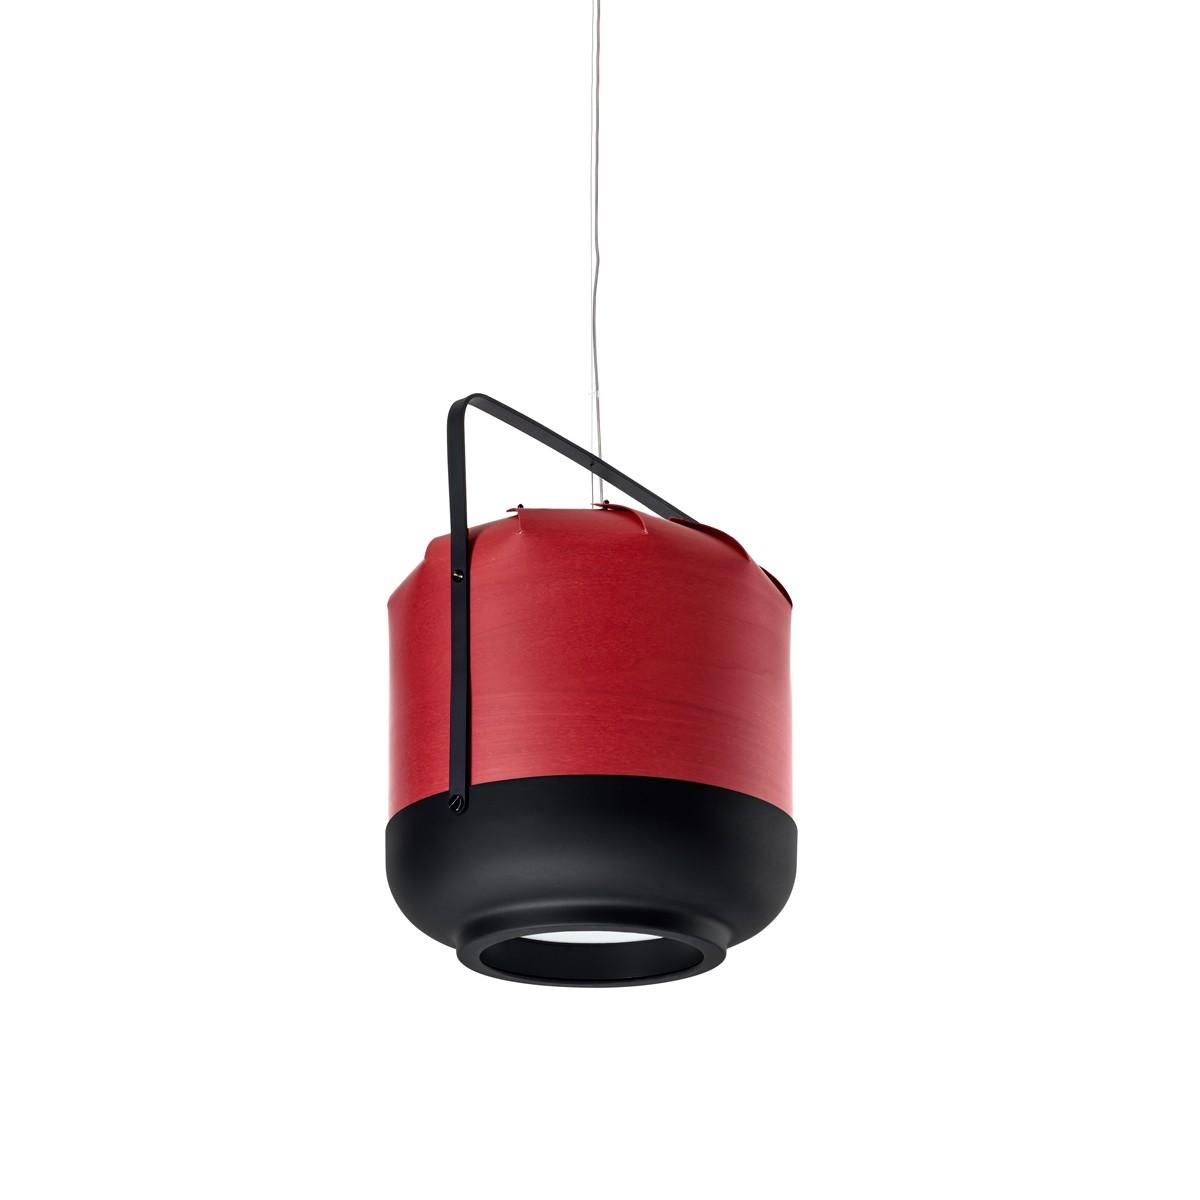 LZF Lamps Chou Short Pendelleuchte, rot